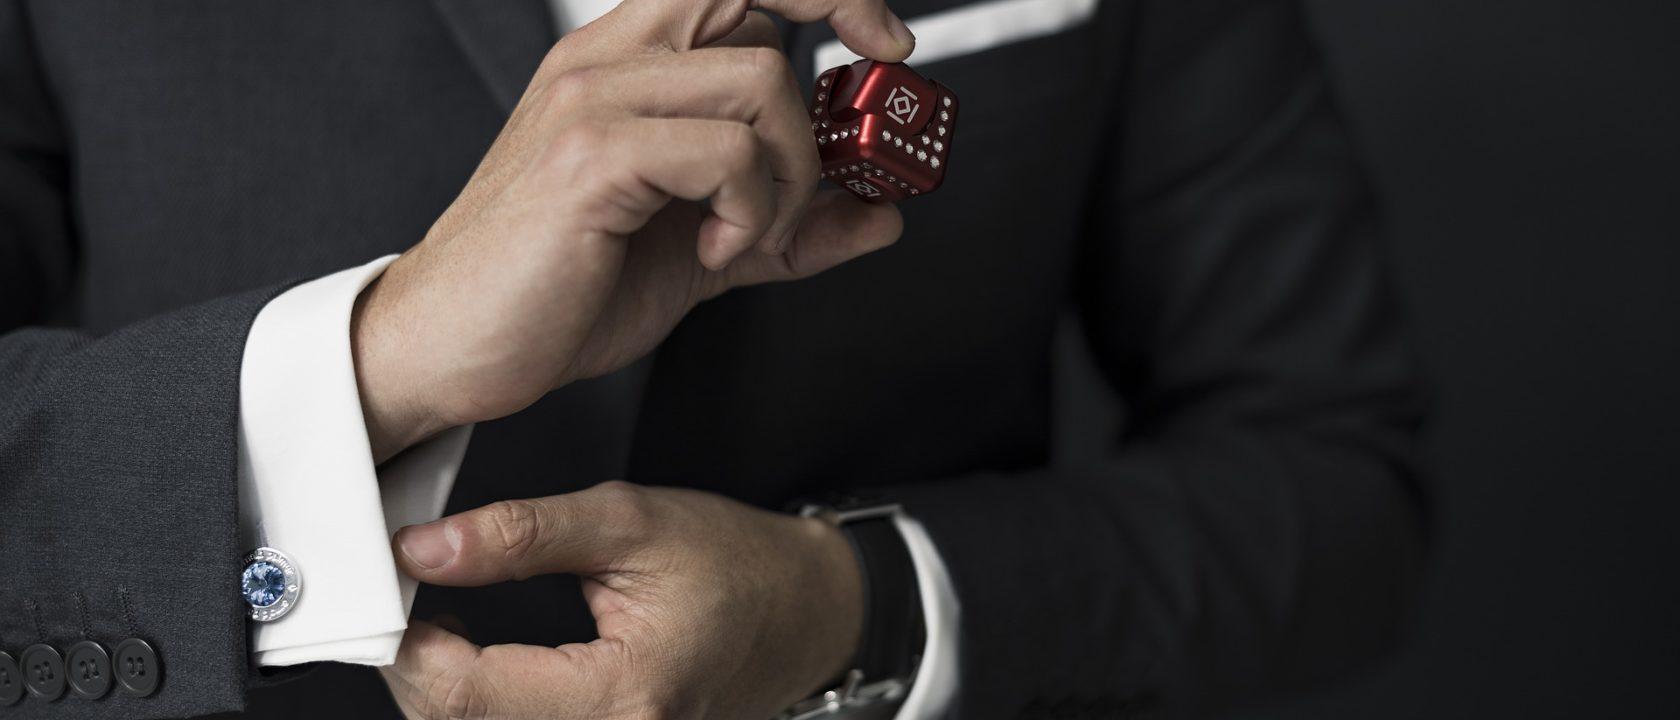 Takım elbisesinin kol düğmesini ayarlayan adam.